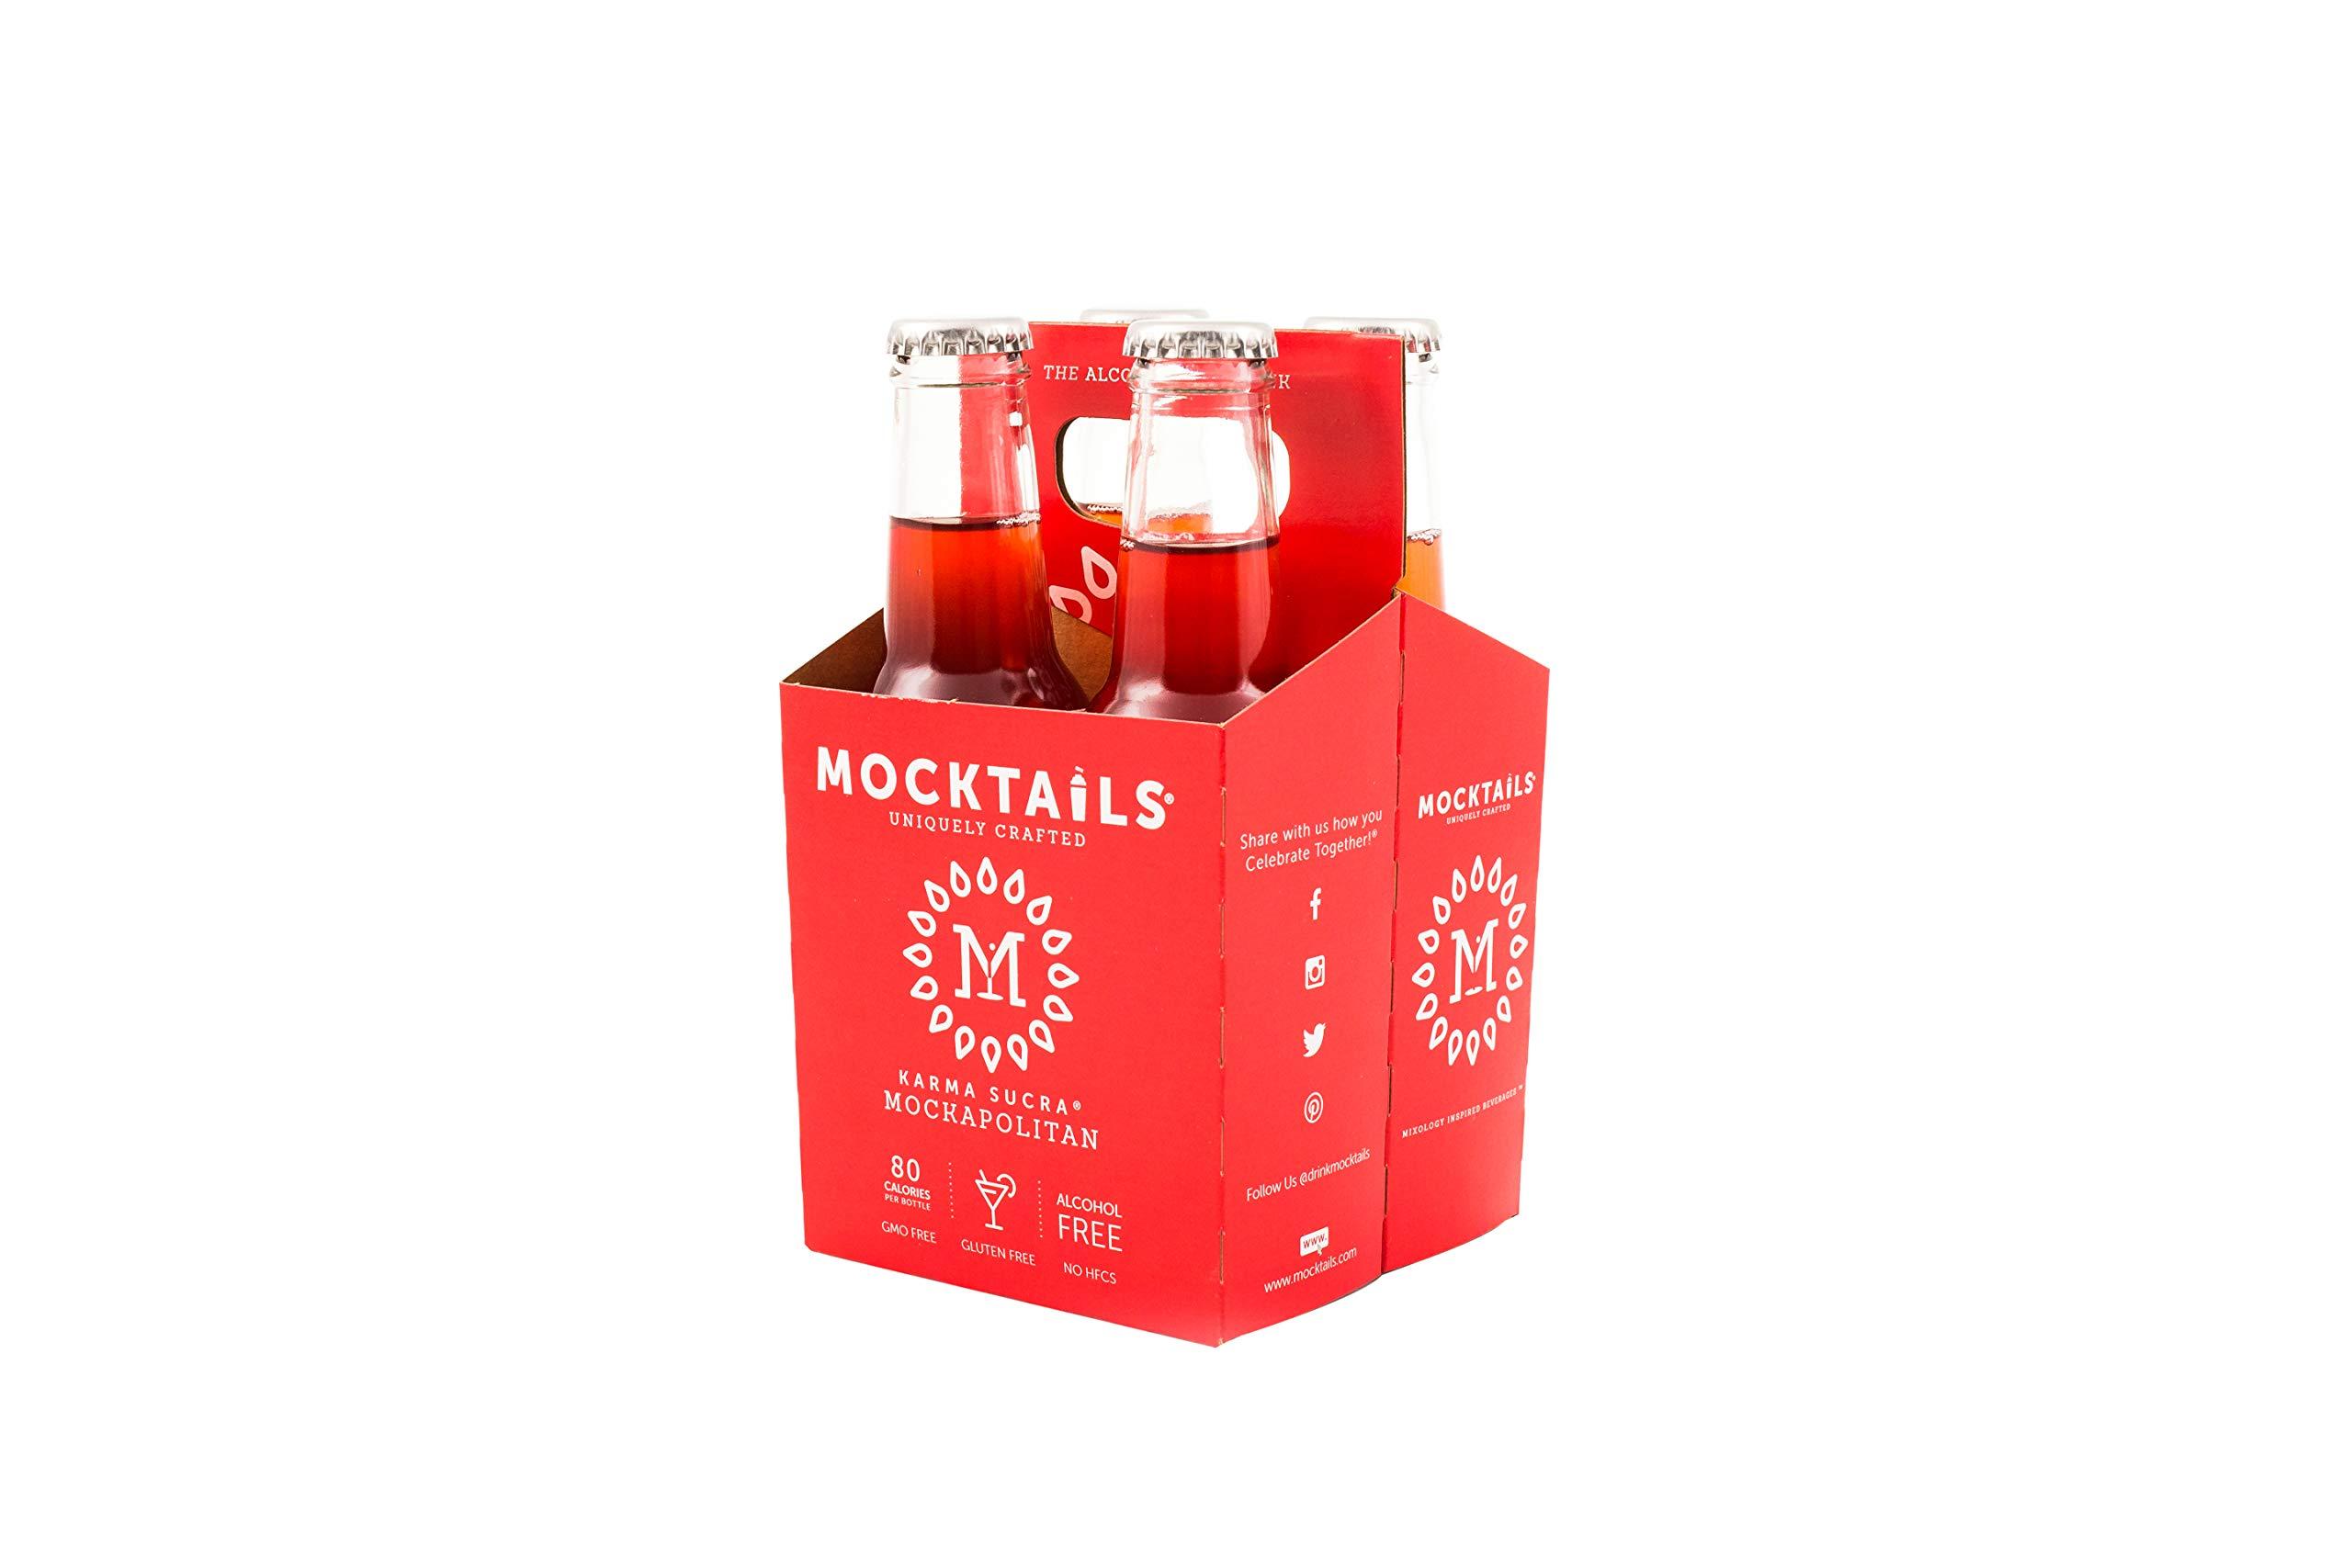 Mocktails Uniquely Crafted Alcohol Free Karma Sucra Mockapolitan, 6.8 fl. oz. (Pack of 24) by Mocktails (Image #3)